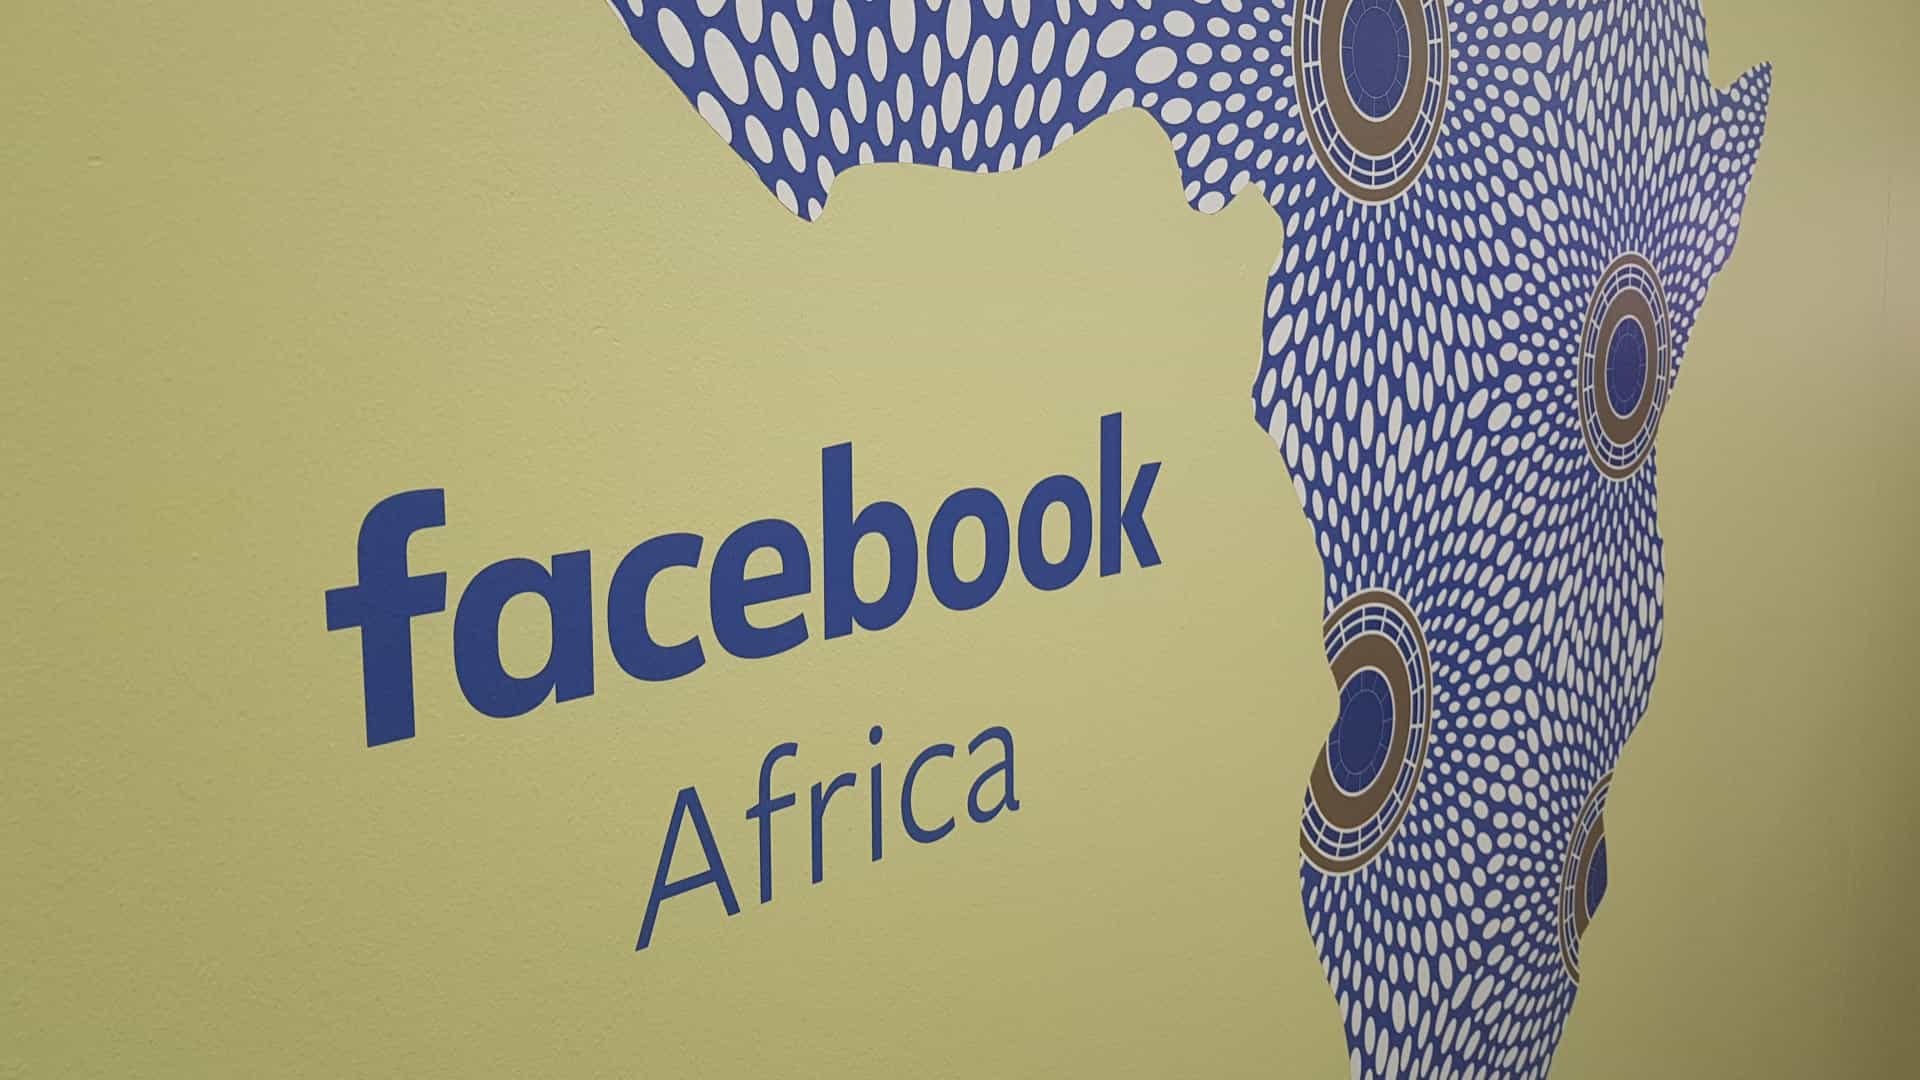 Facebook fighting fake news